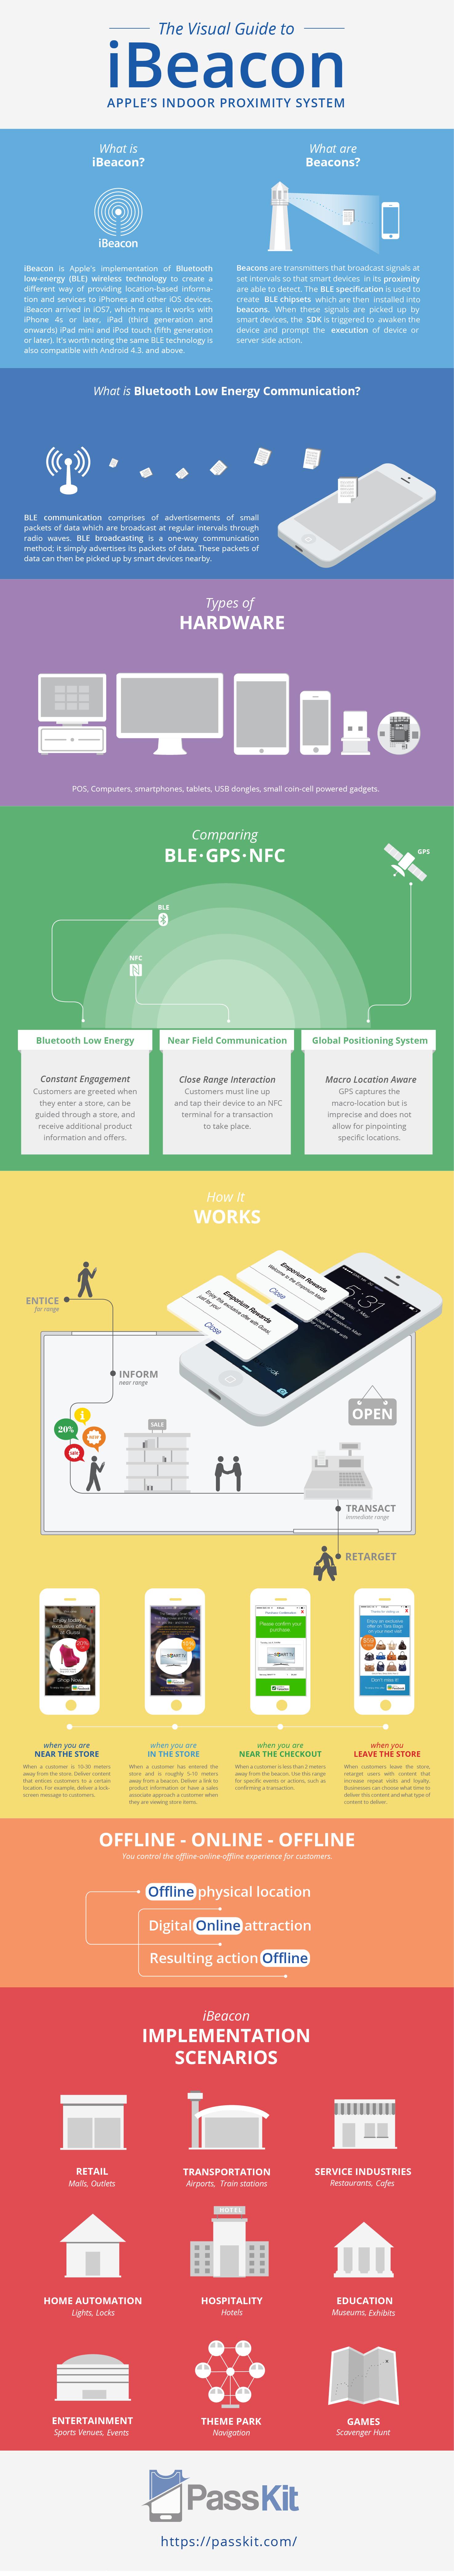 iBeacon 101 Proximity Services Infographic